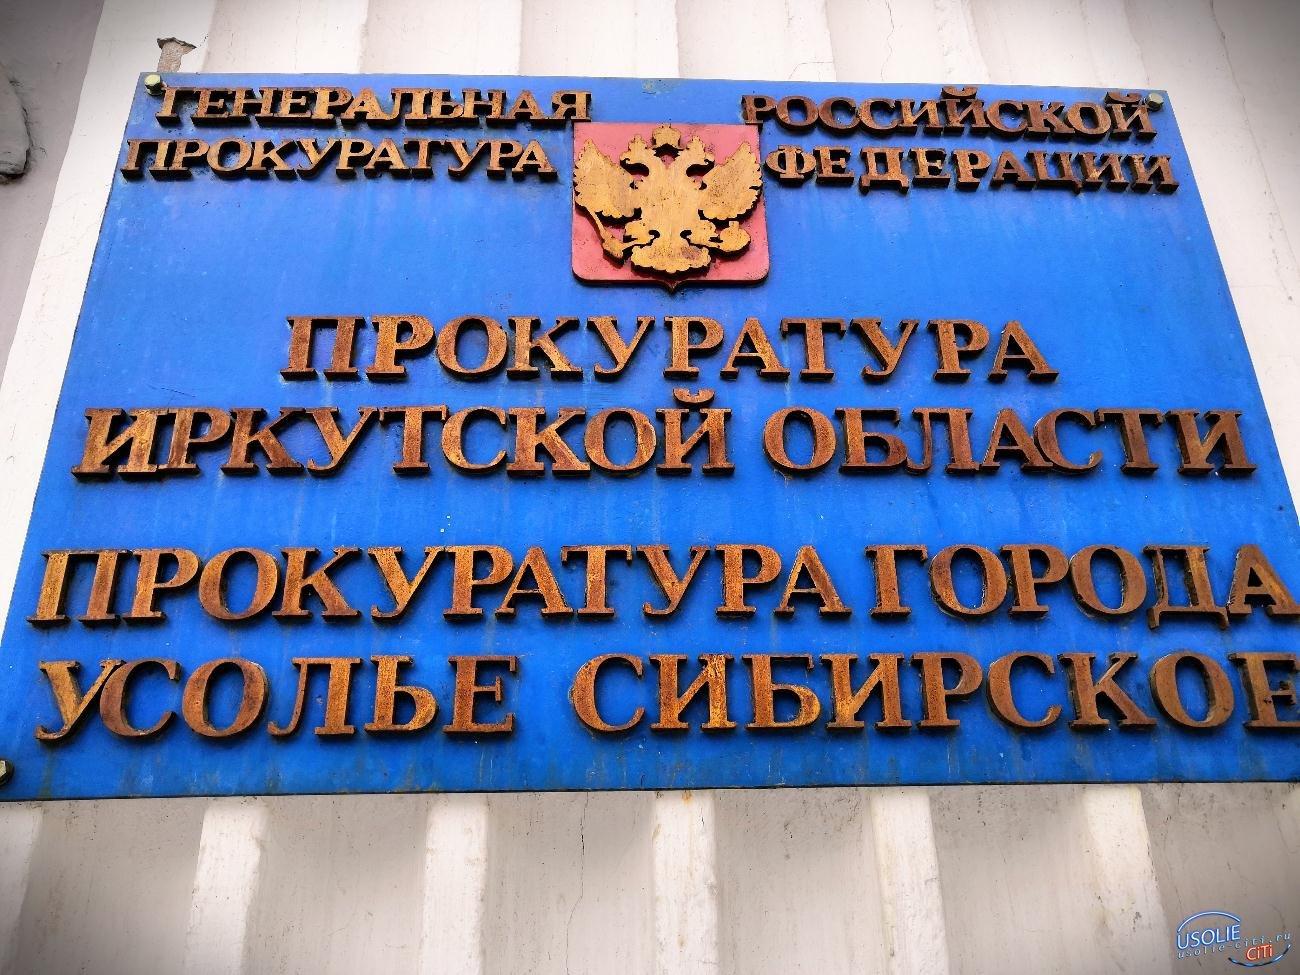 Подрядчик  в Усольском районе незаконно изменил сроки окончания работ